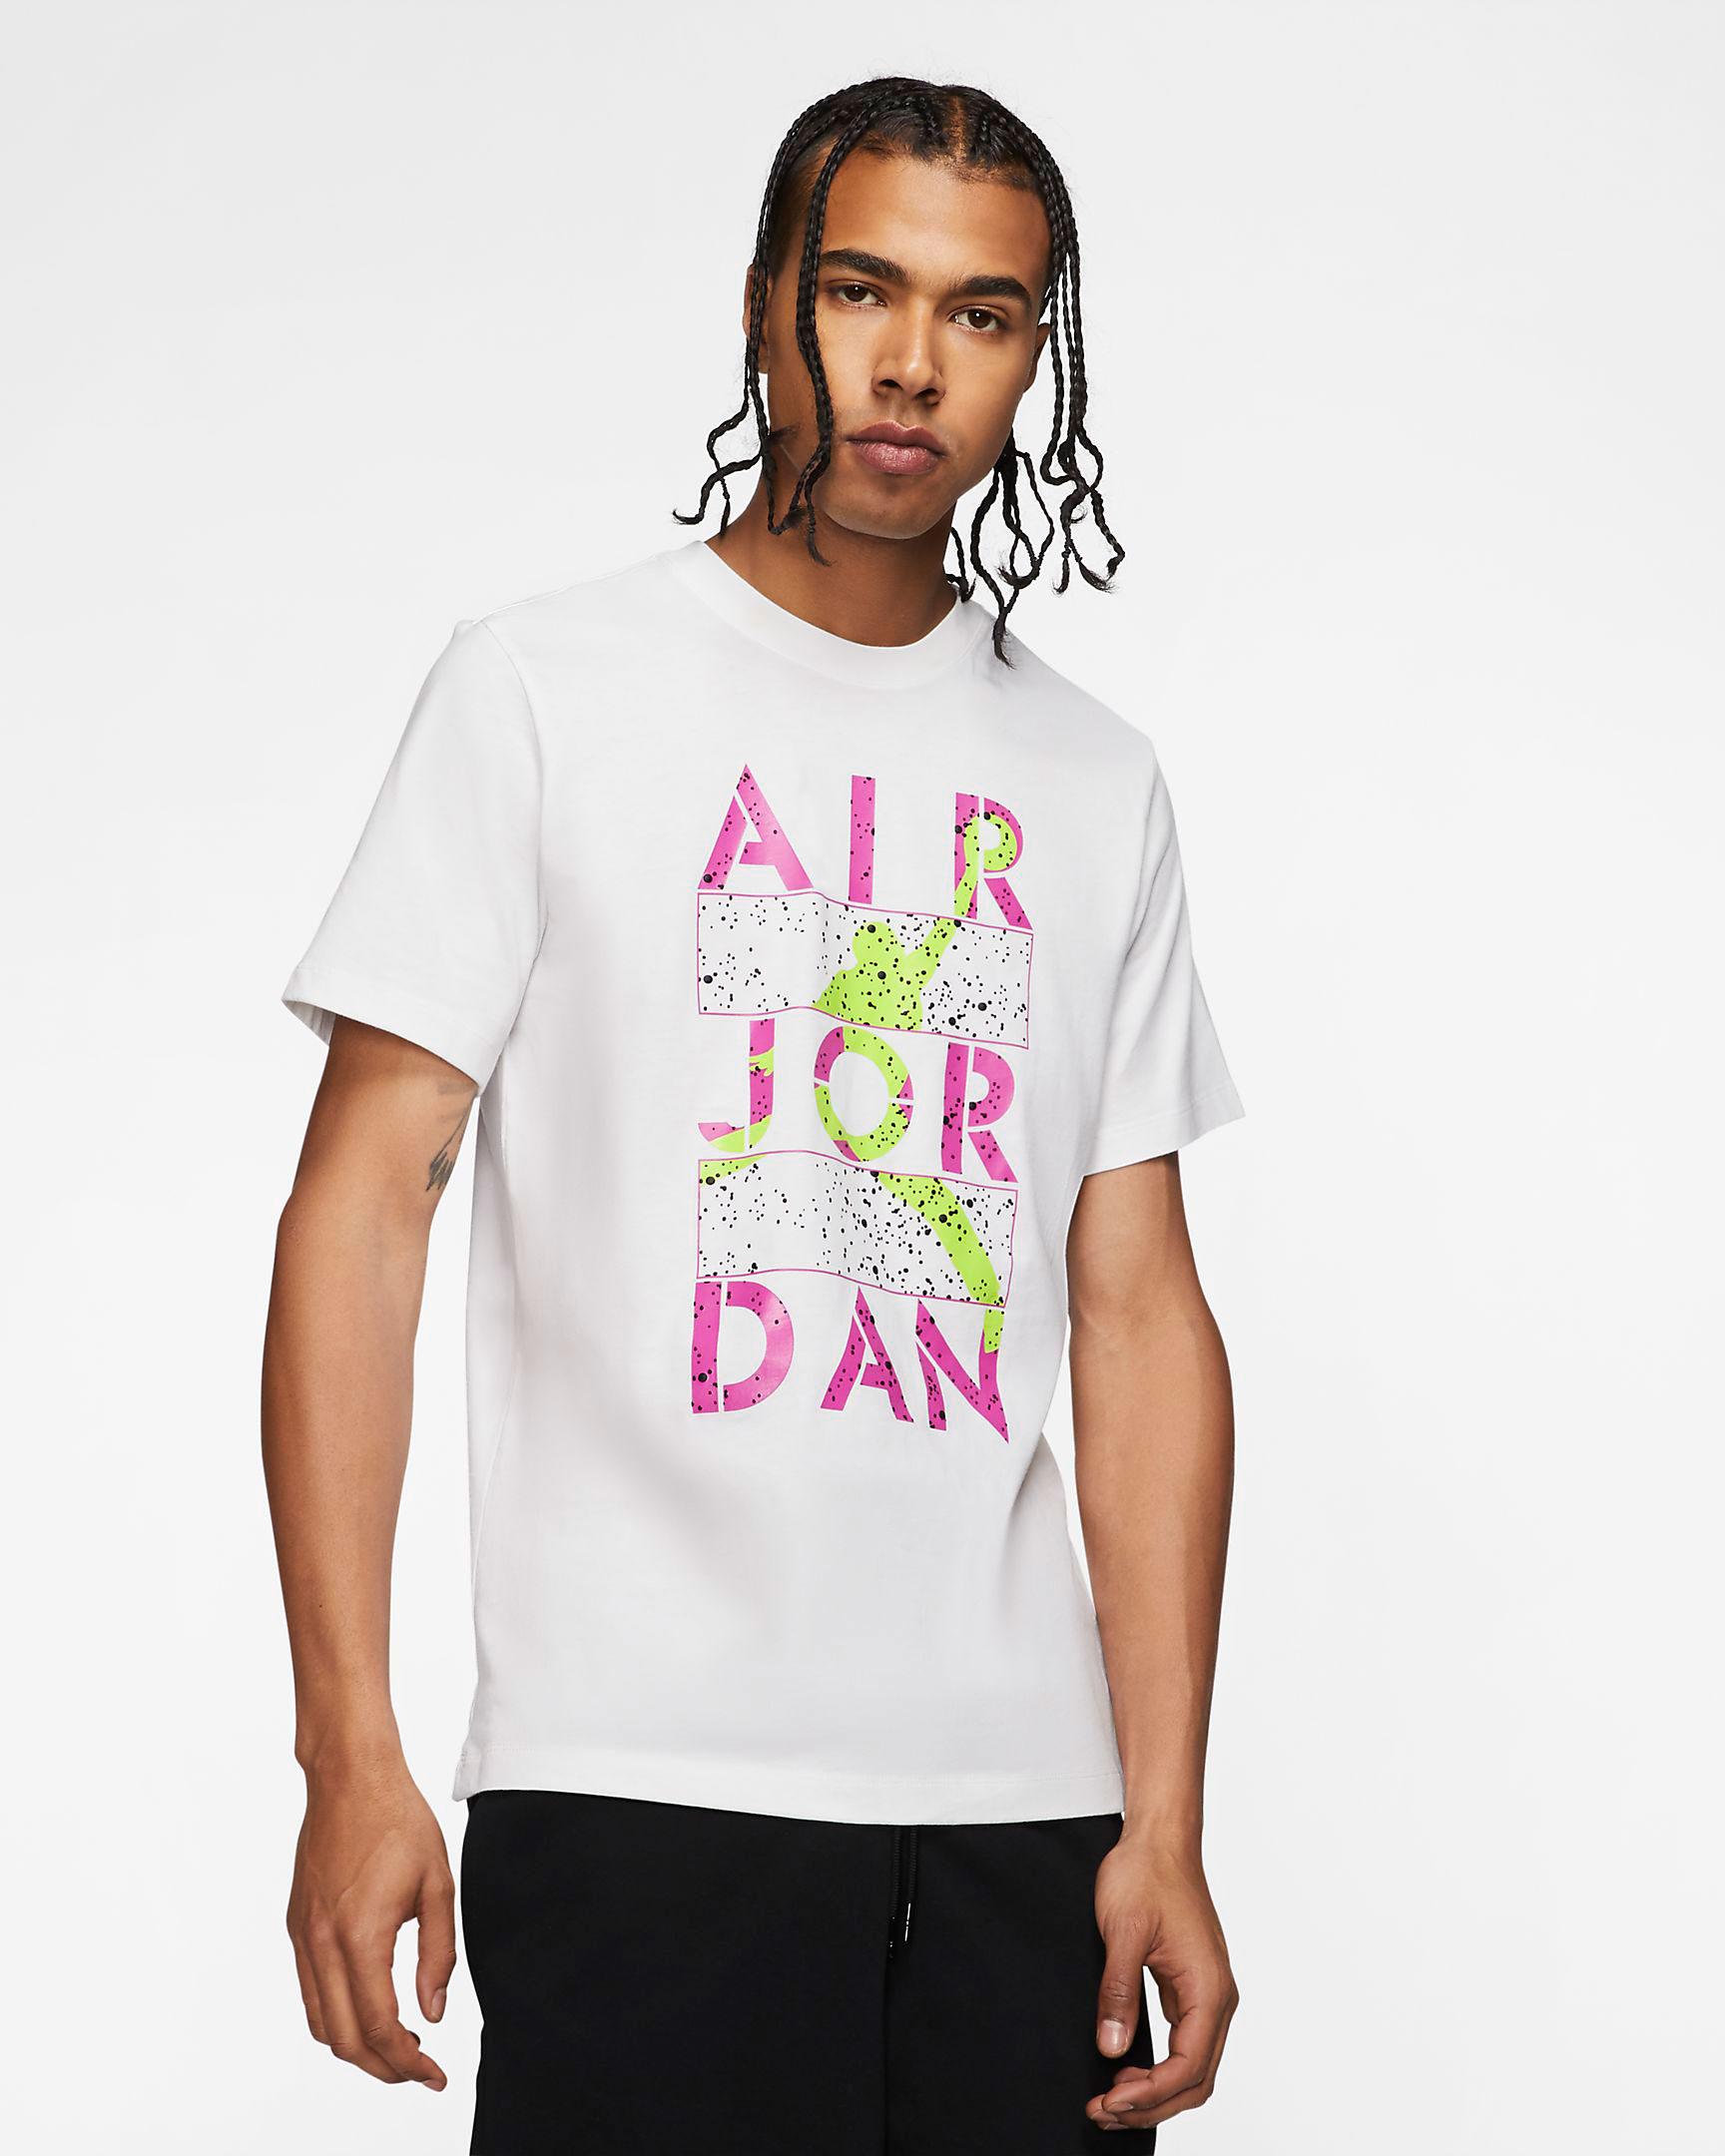 air-jordan-5-ghost-green-alternate-bel-air-shirt-3